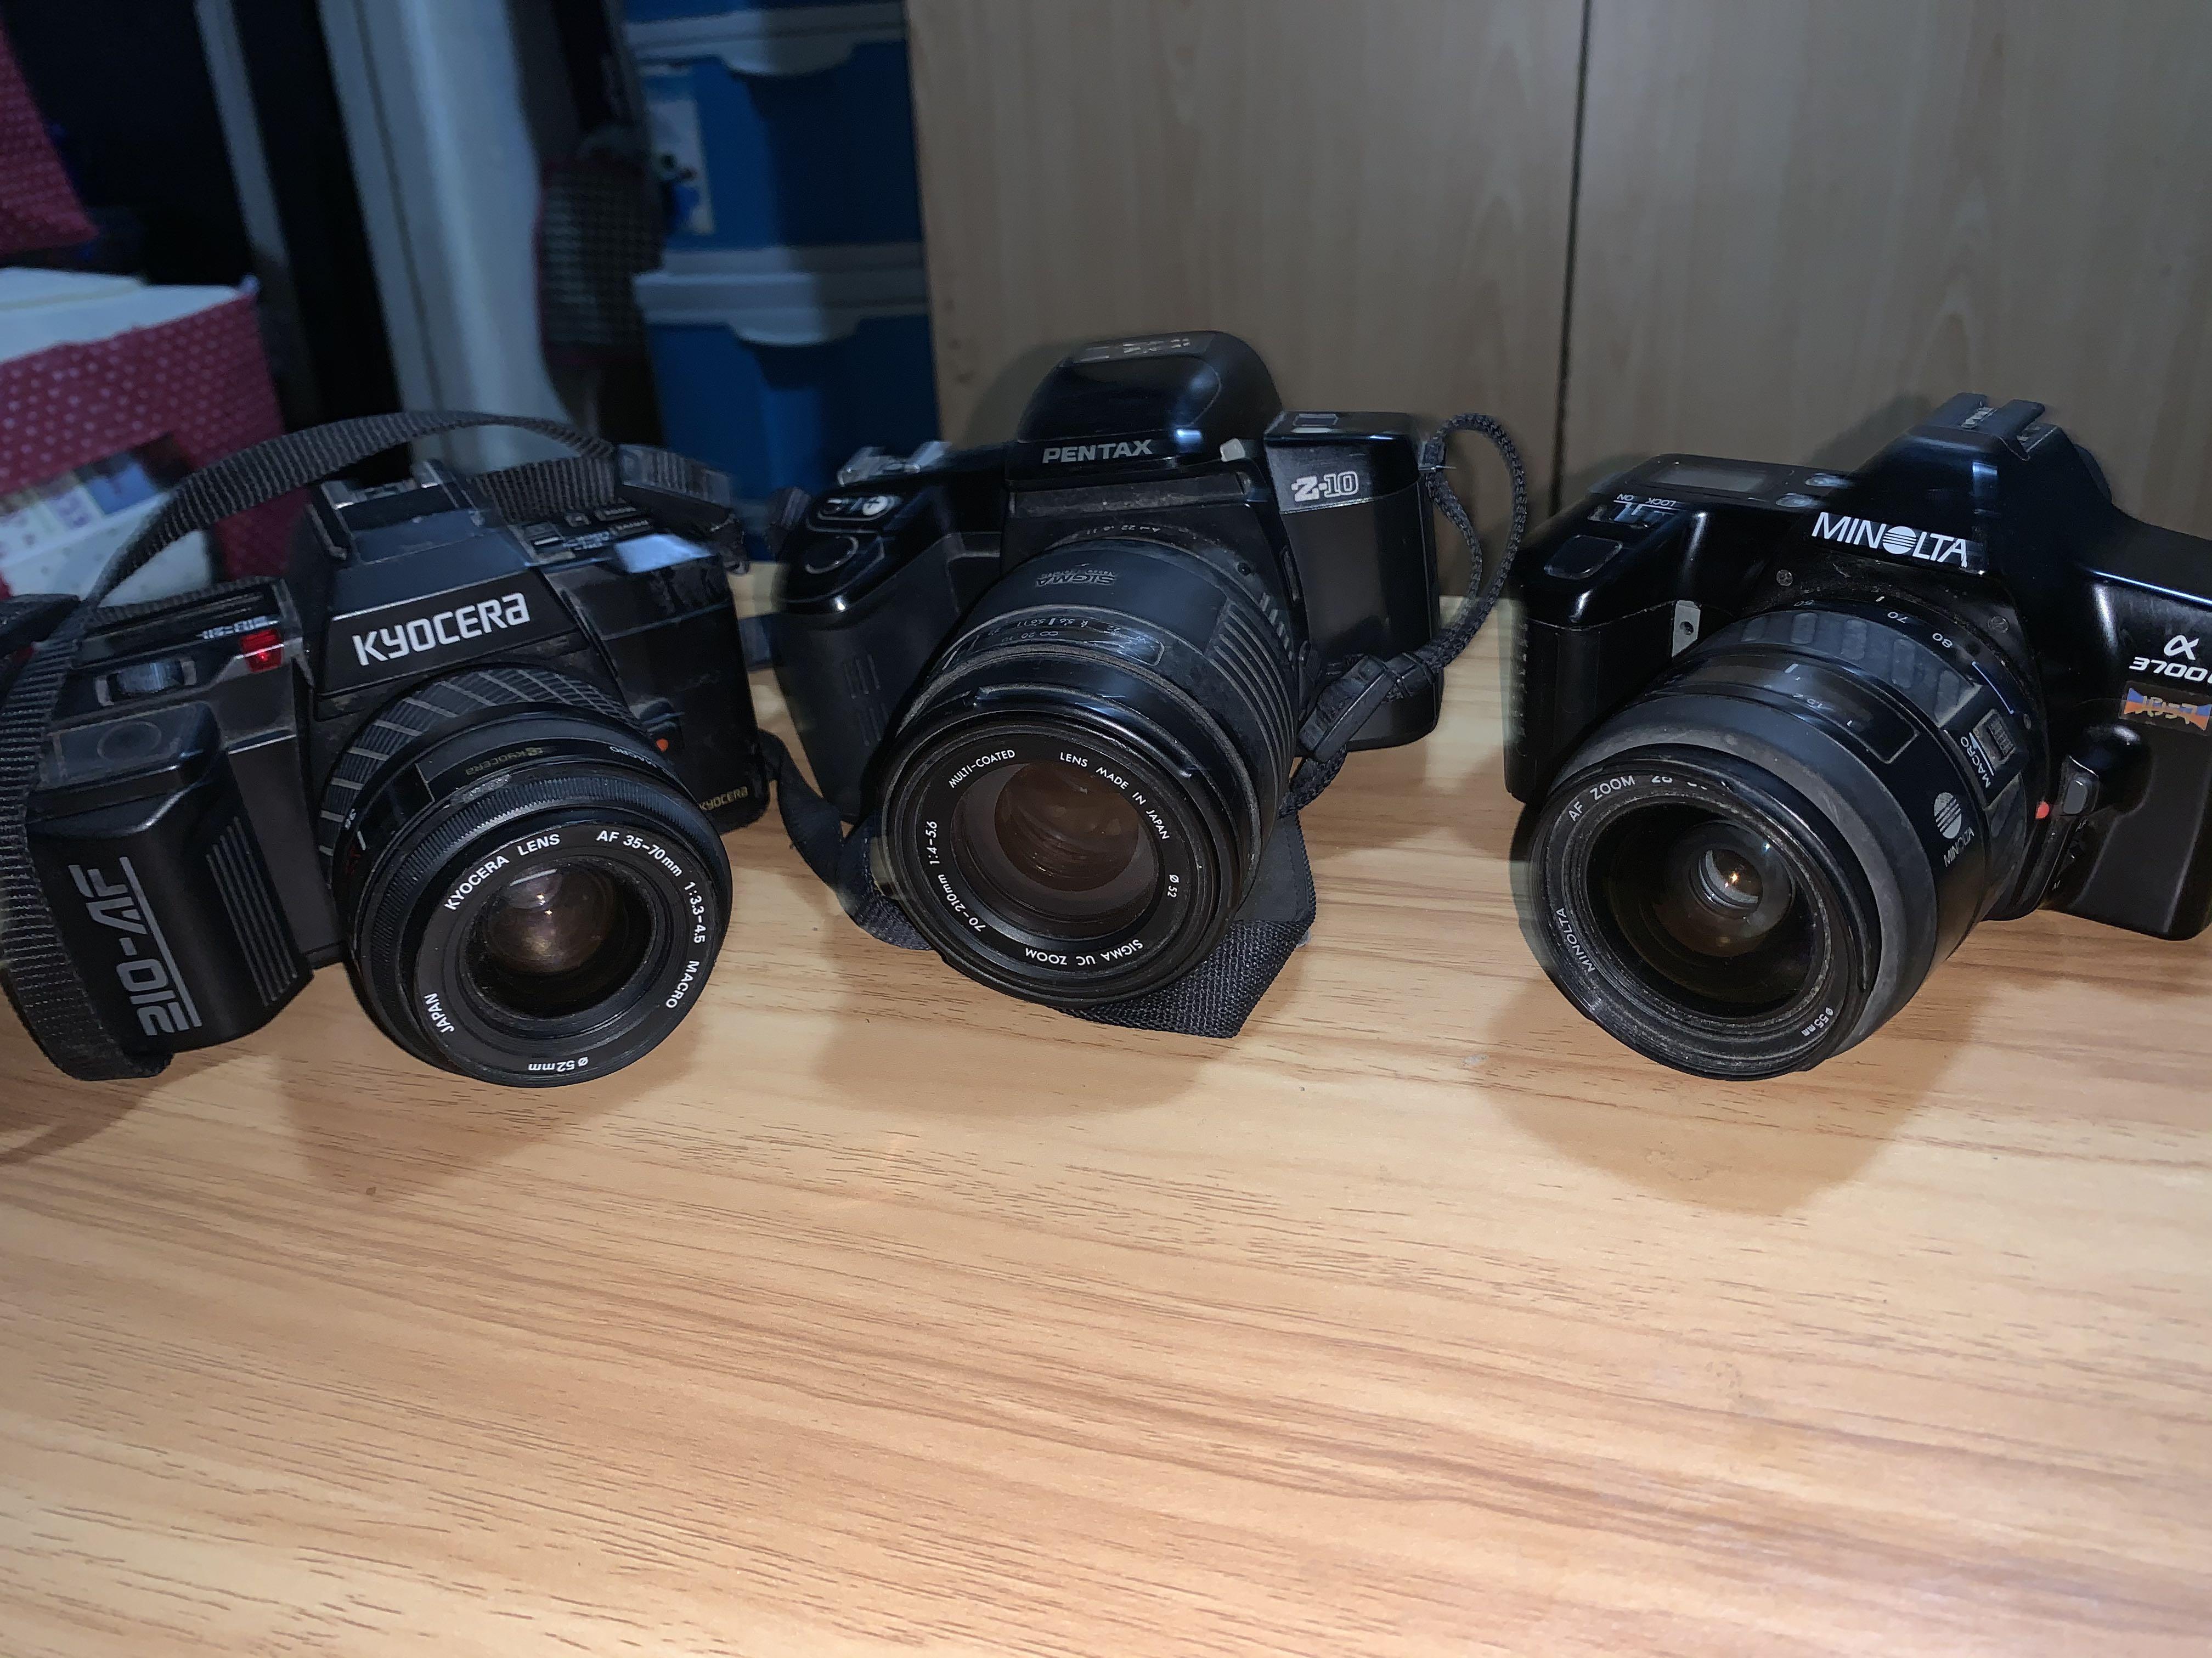 Minolta, Kyocera, Pentax SLR film camera (untested)